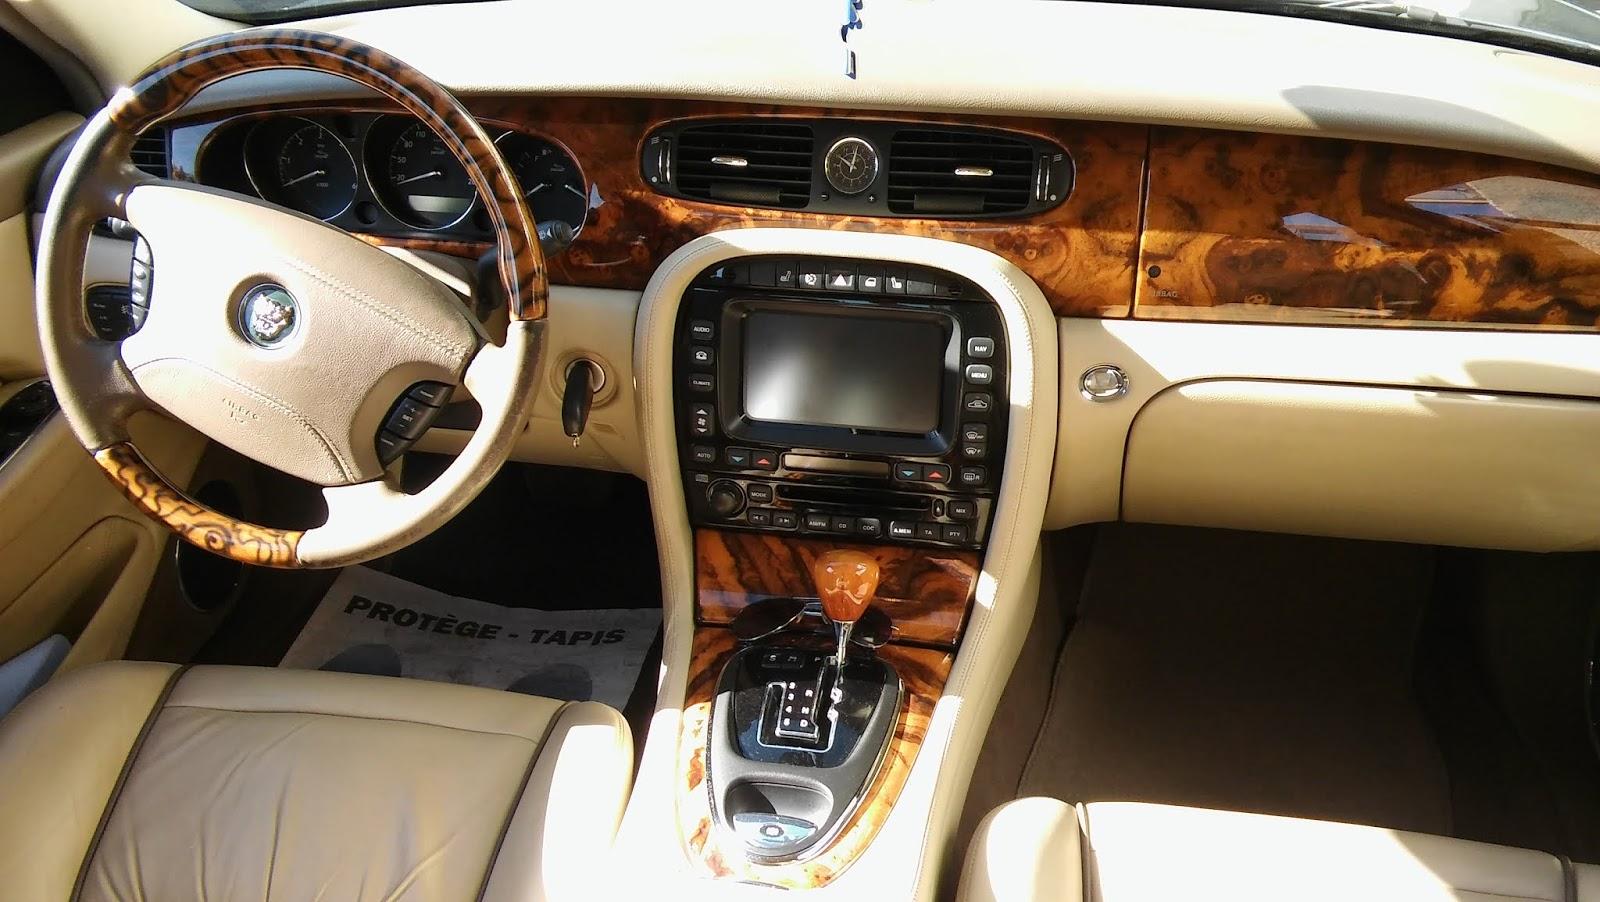 jaguar xj 2 7 v6 bi turbo soverign bva voiture occasion domont. Black Bedroom Furniture Sets. Home Design Ideas